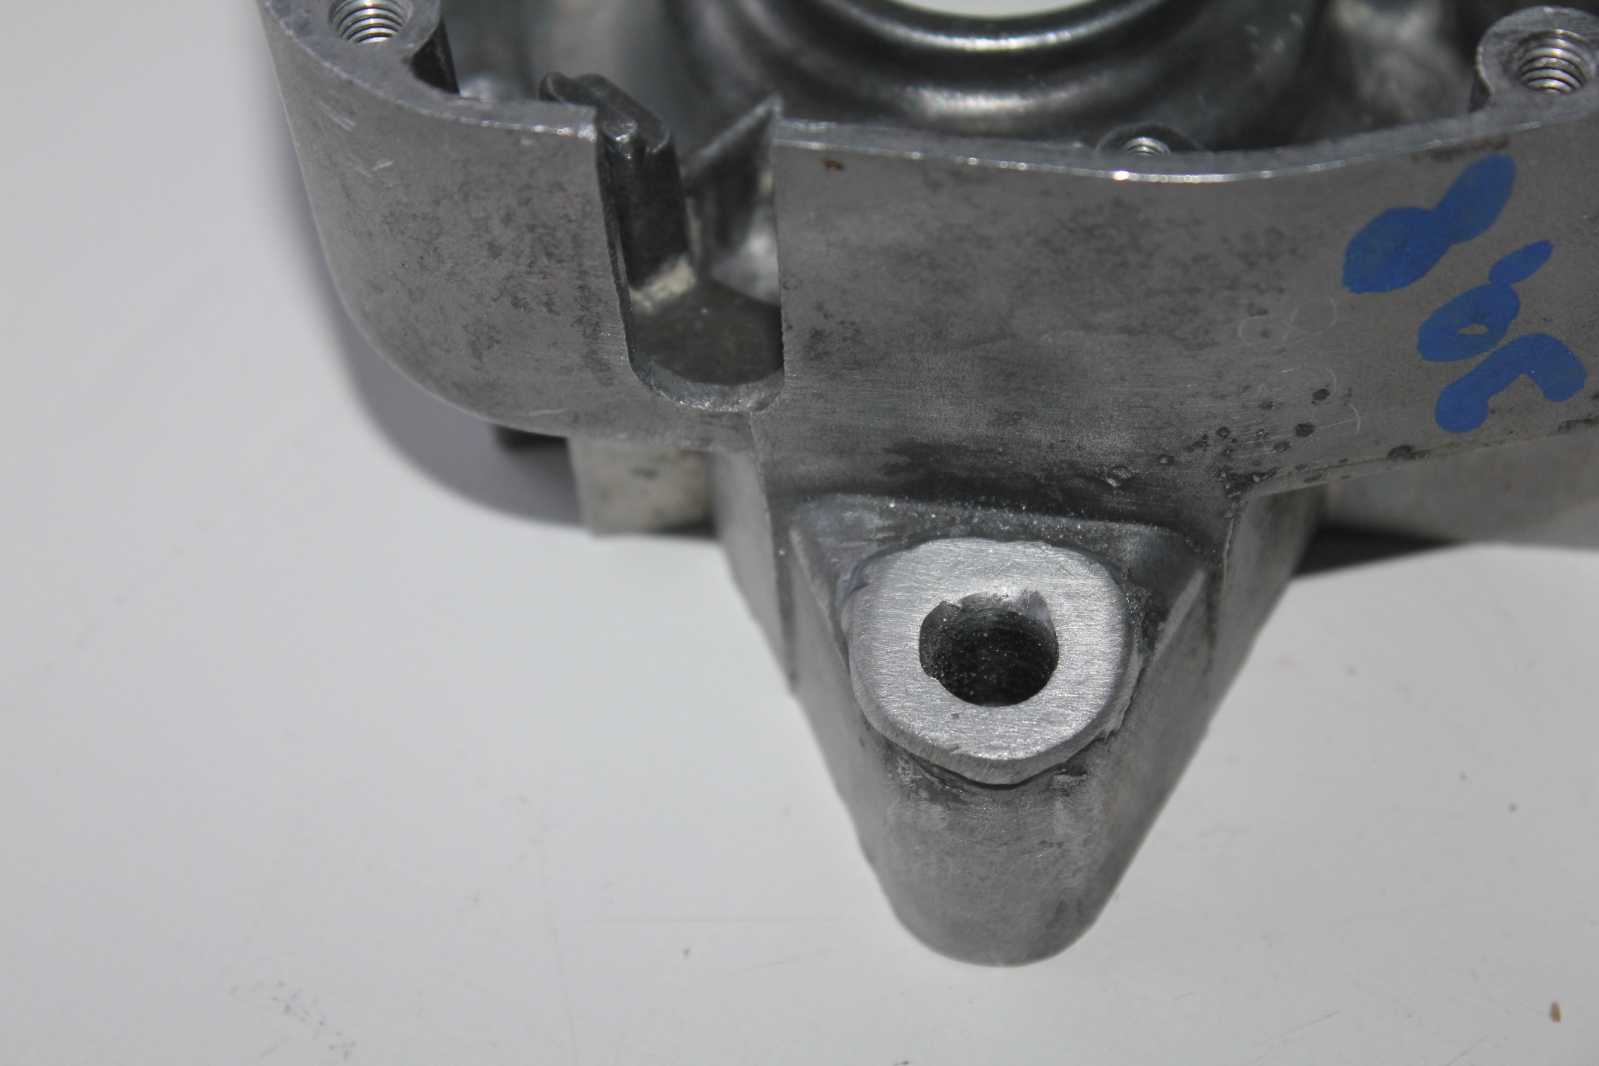 encendido - Mejoras en motores P3 P4 RV4 DL P6 K6... - Página 3 28rf9mp